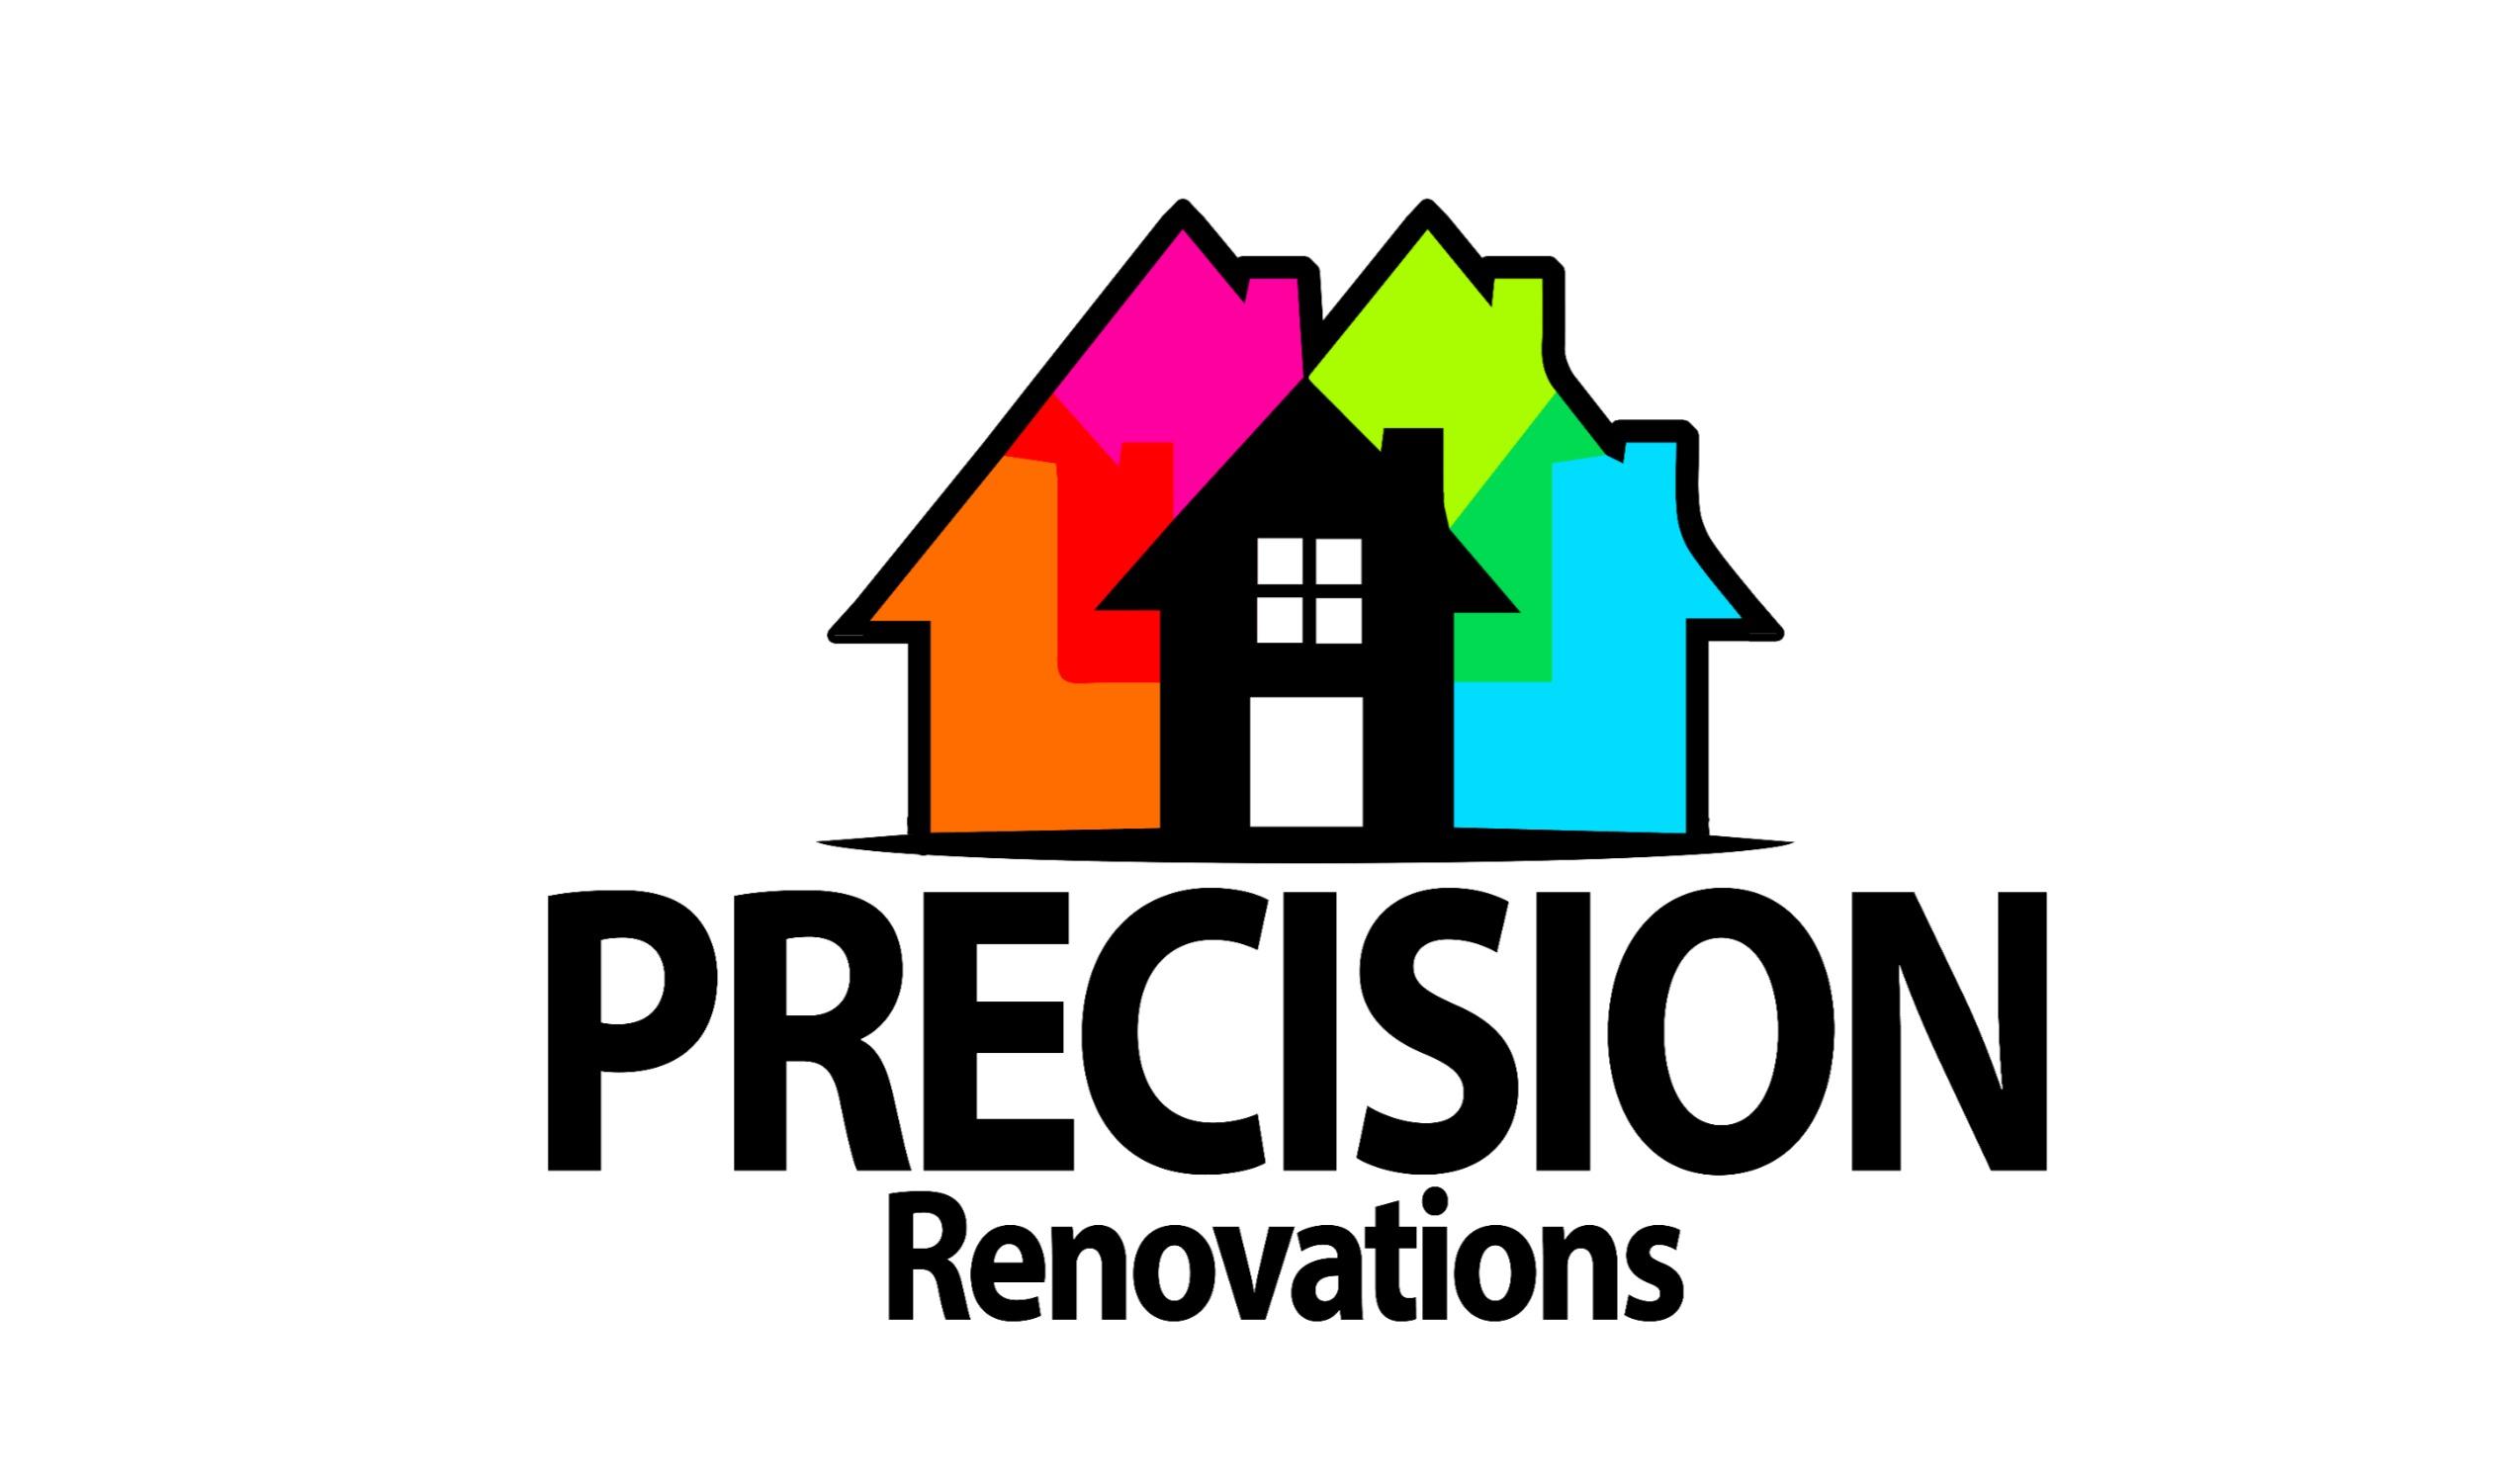 Precision Renovations 171 Nova Scotia Business Directory